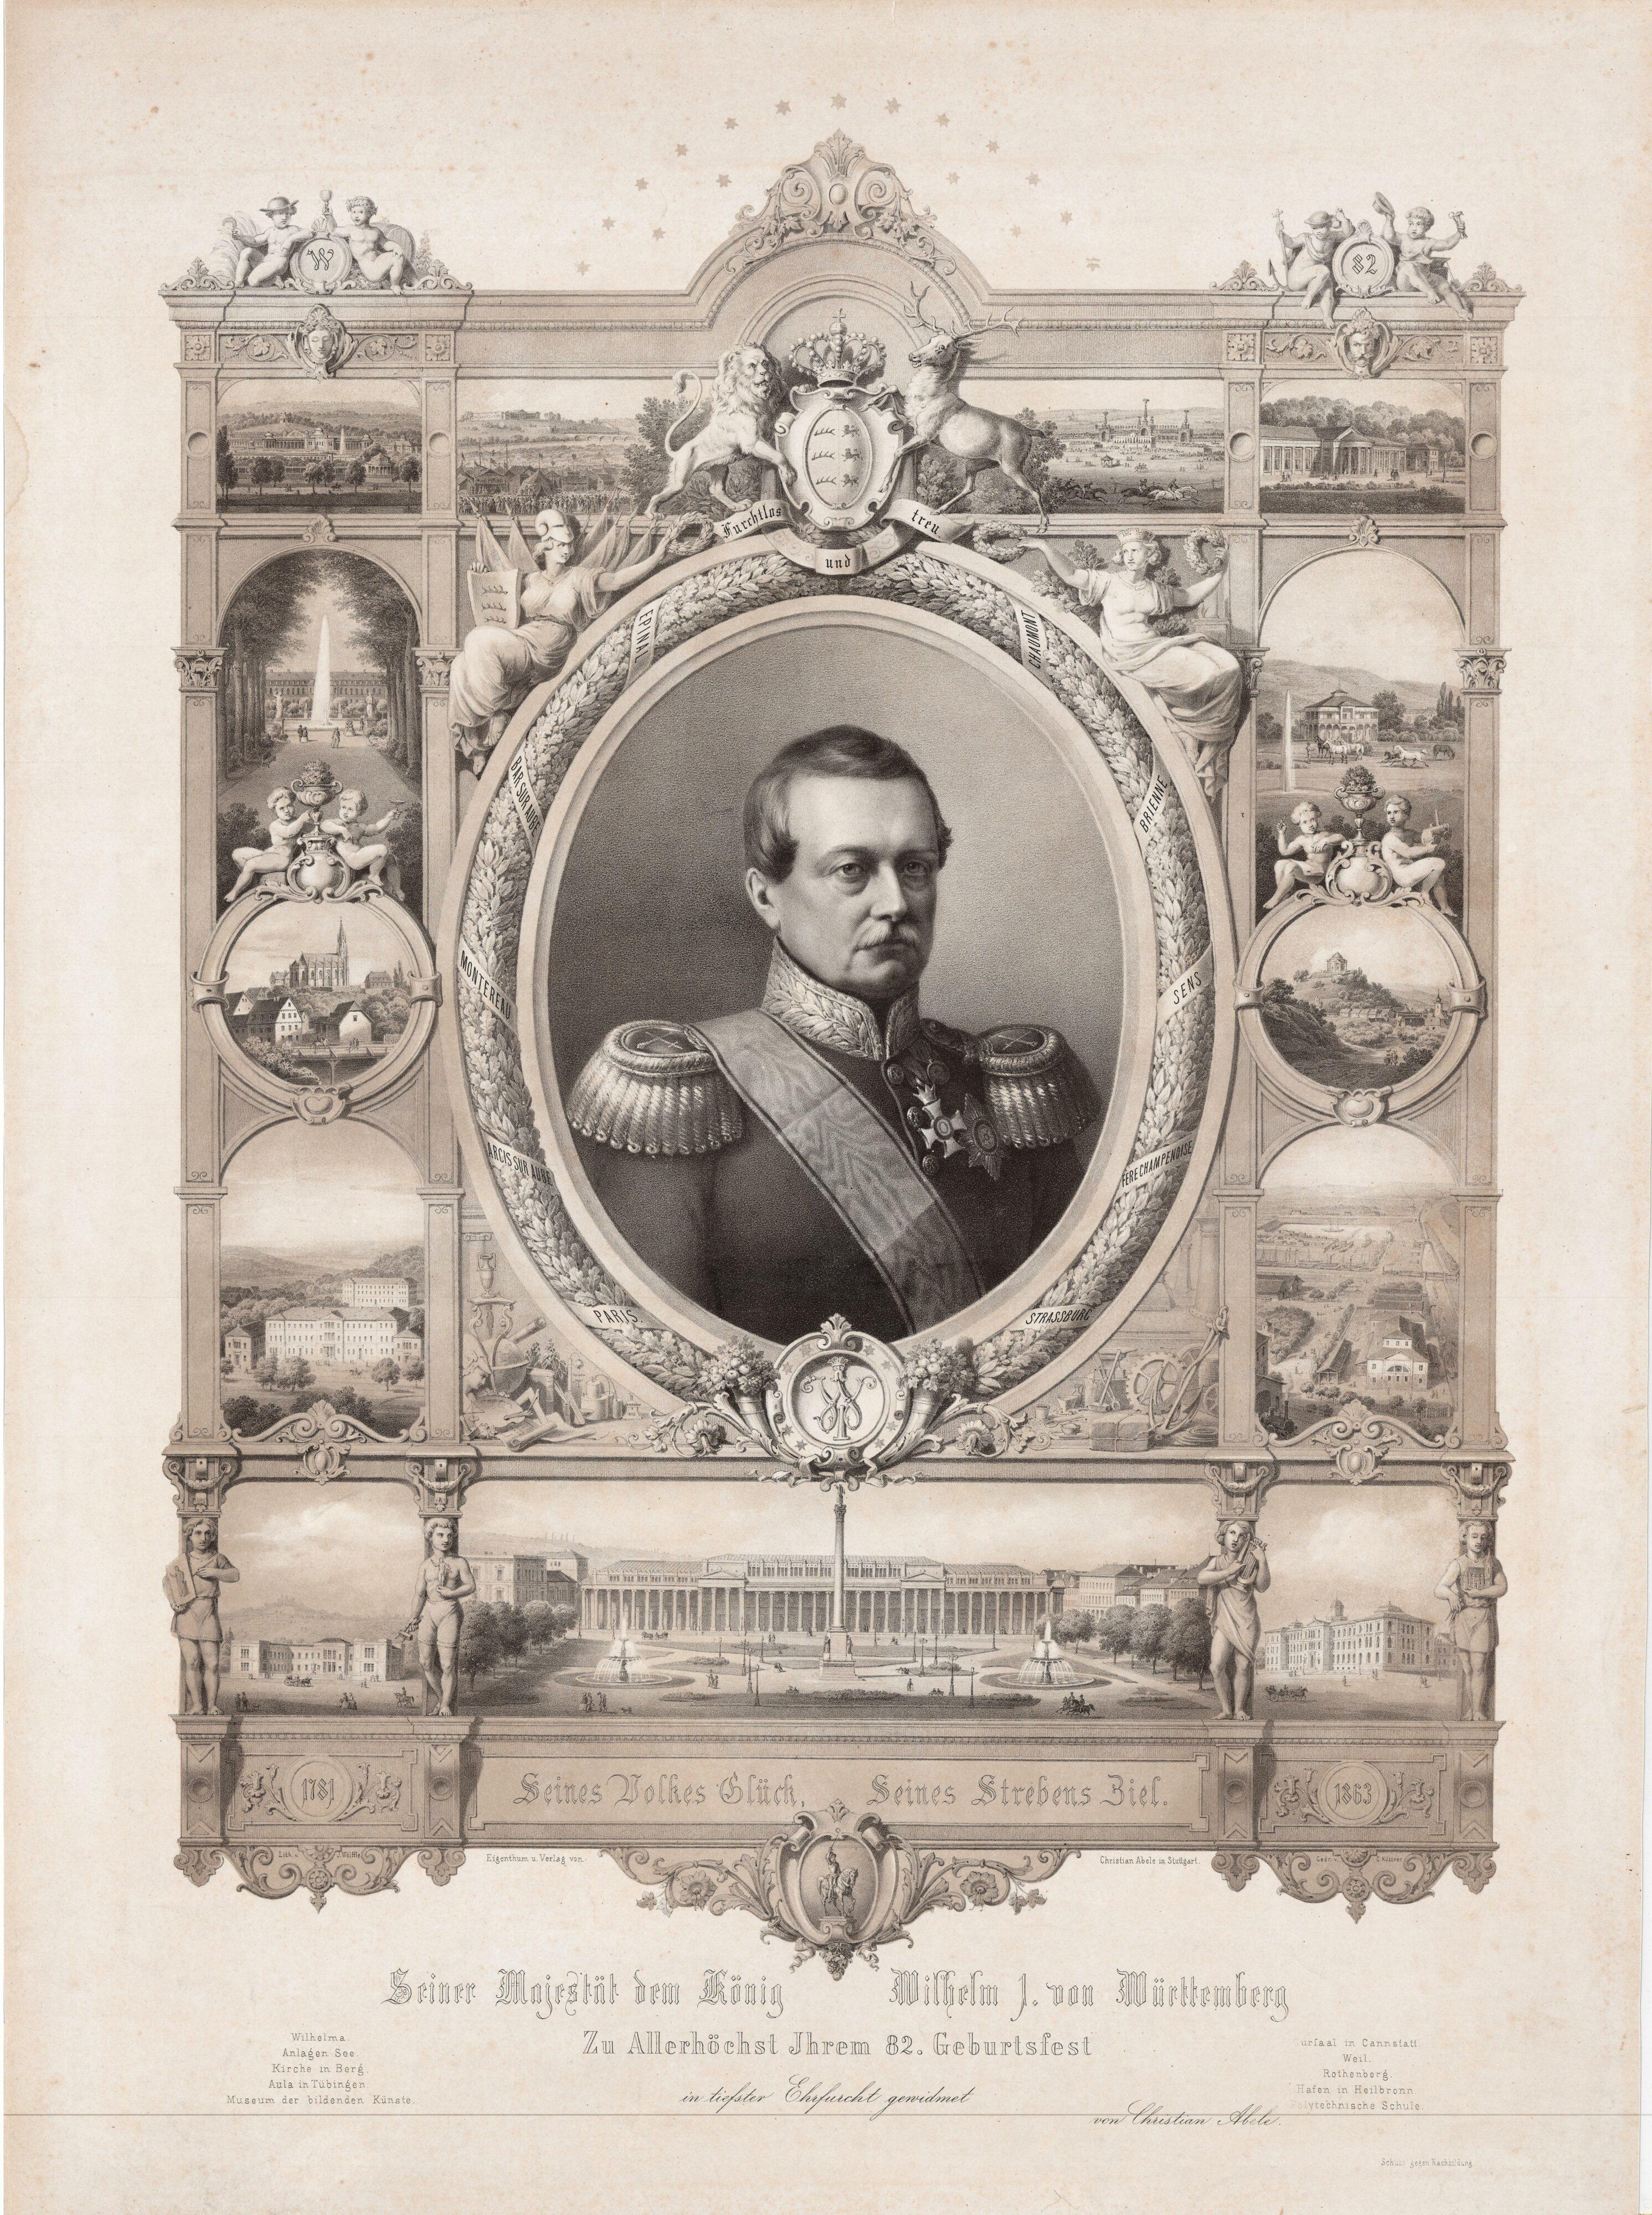 Gratulationsblatt zum 82. Geburtstag von König Wilhelm 1863